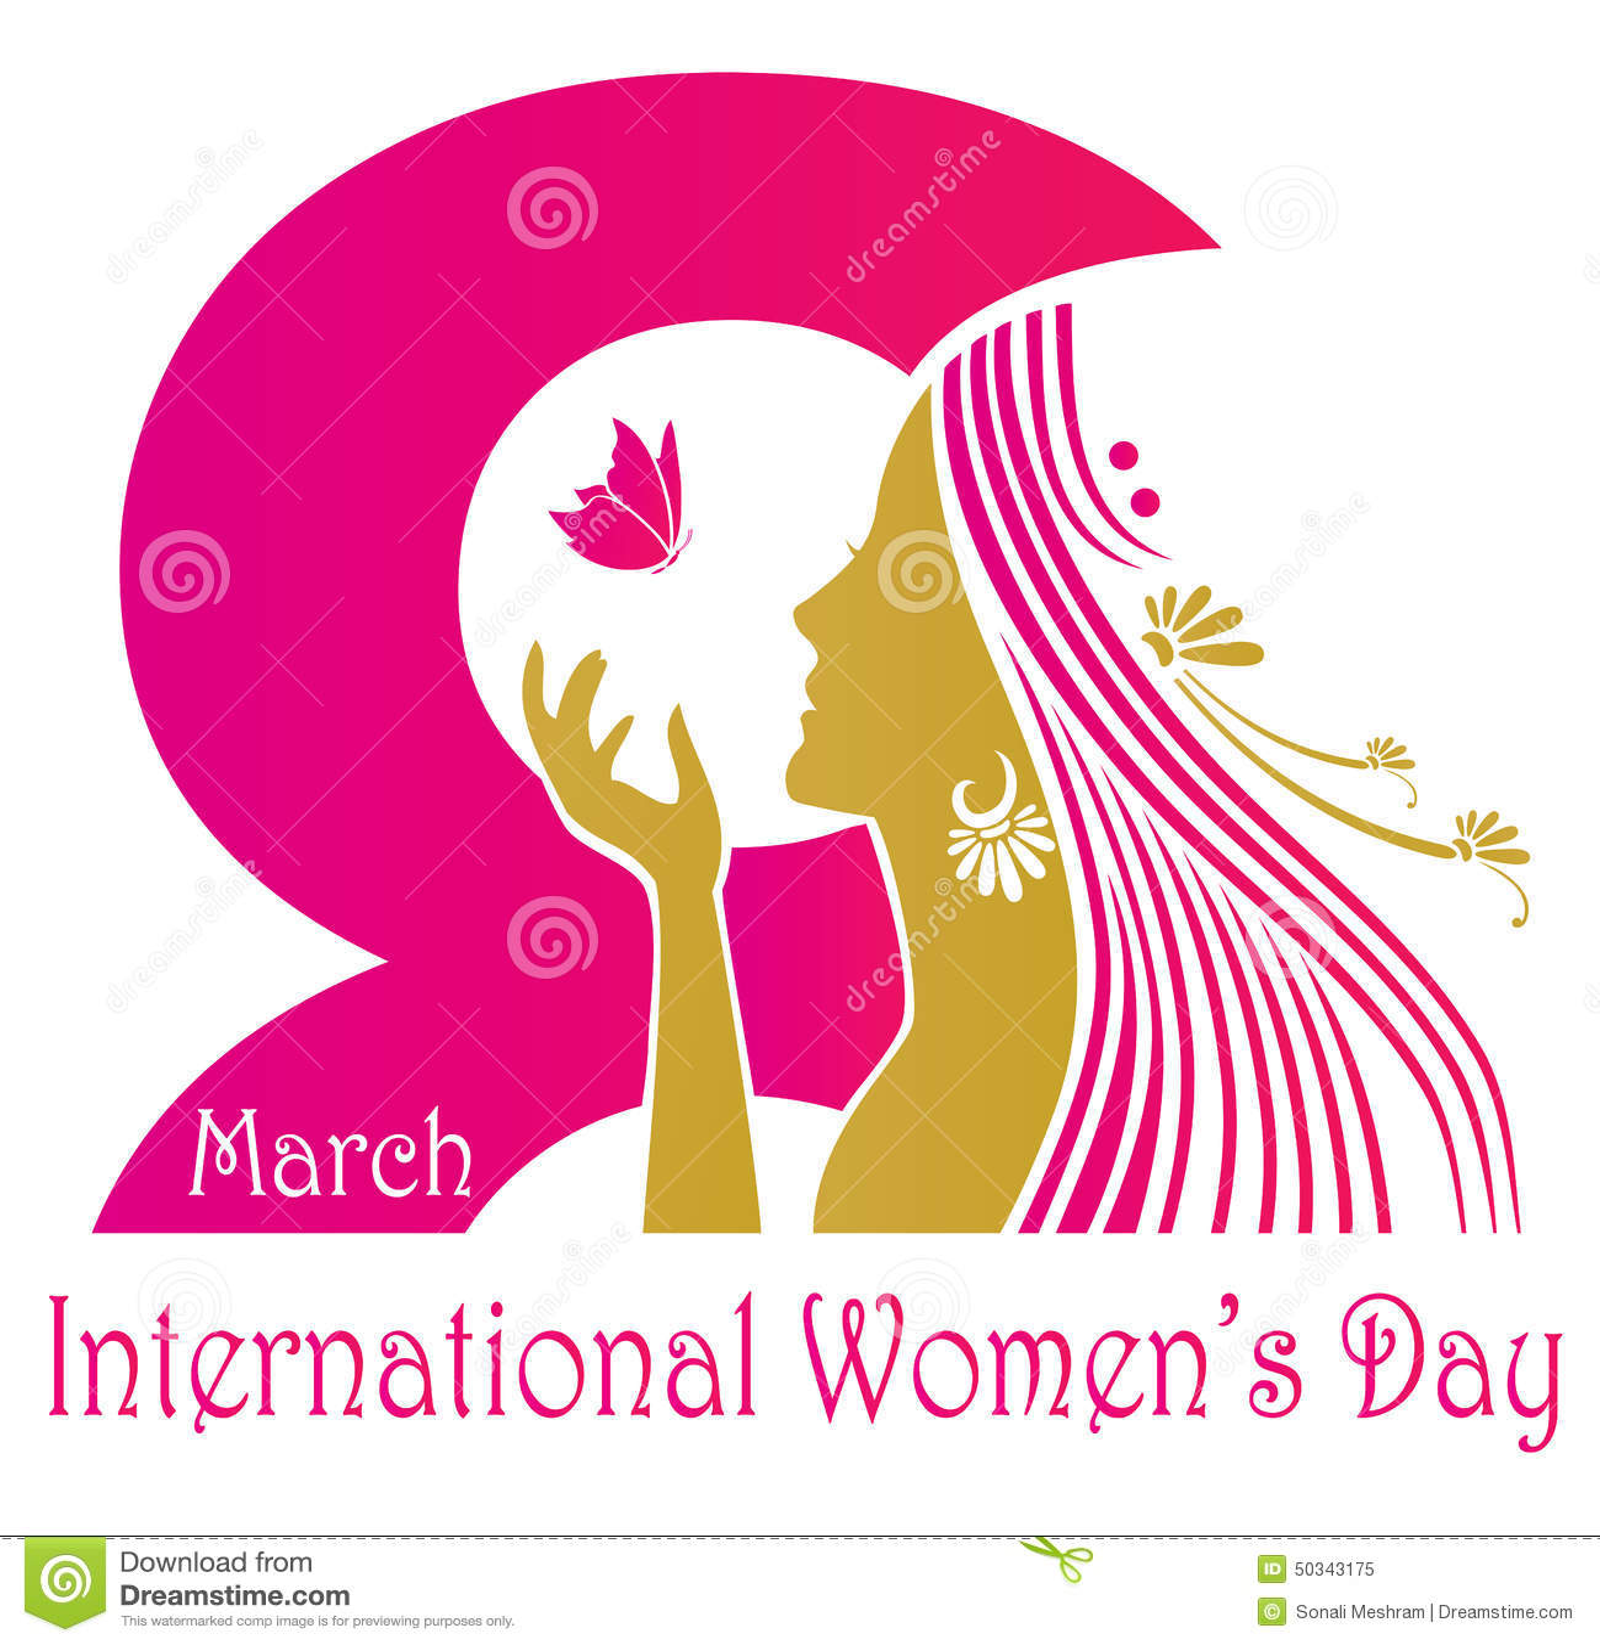 Σχέδιο ημέρας των διεθνών γυναικών